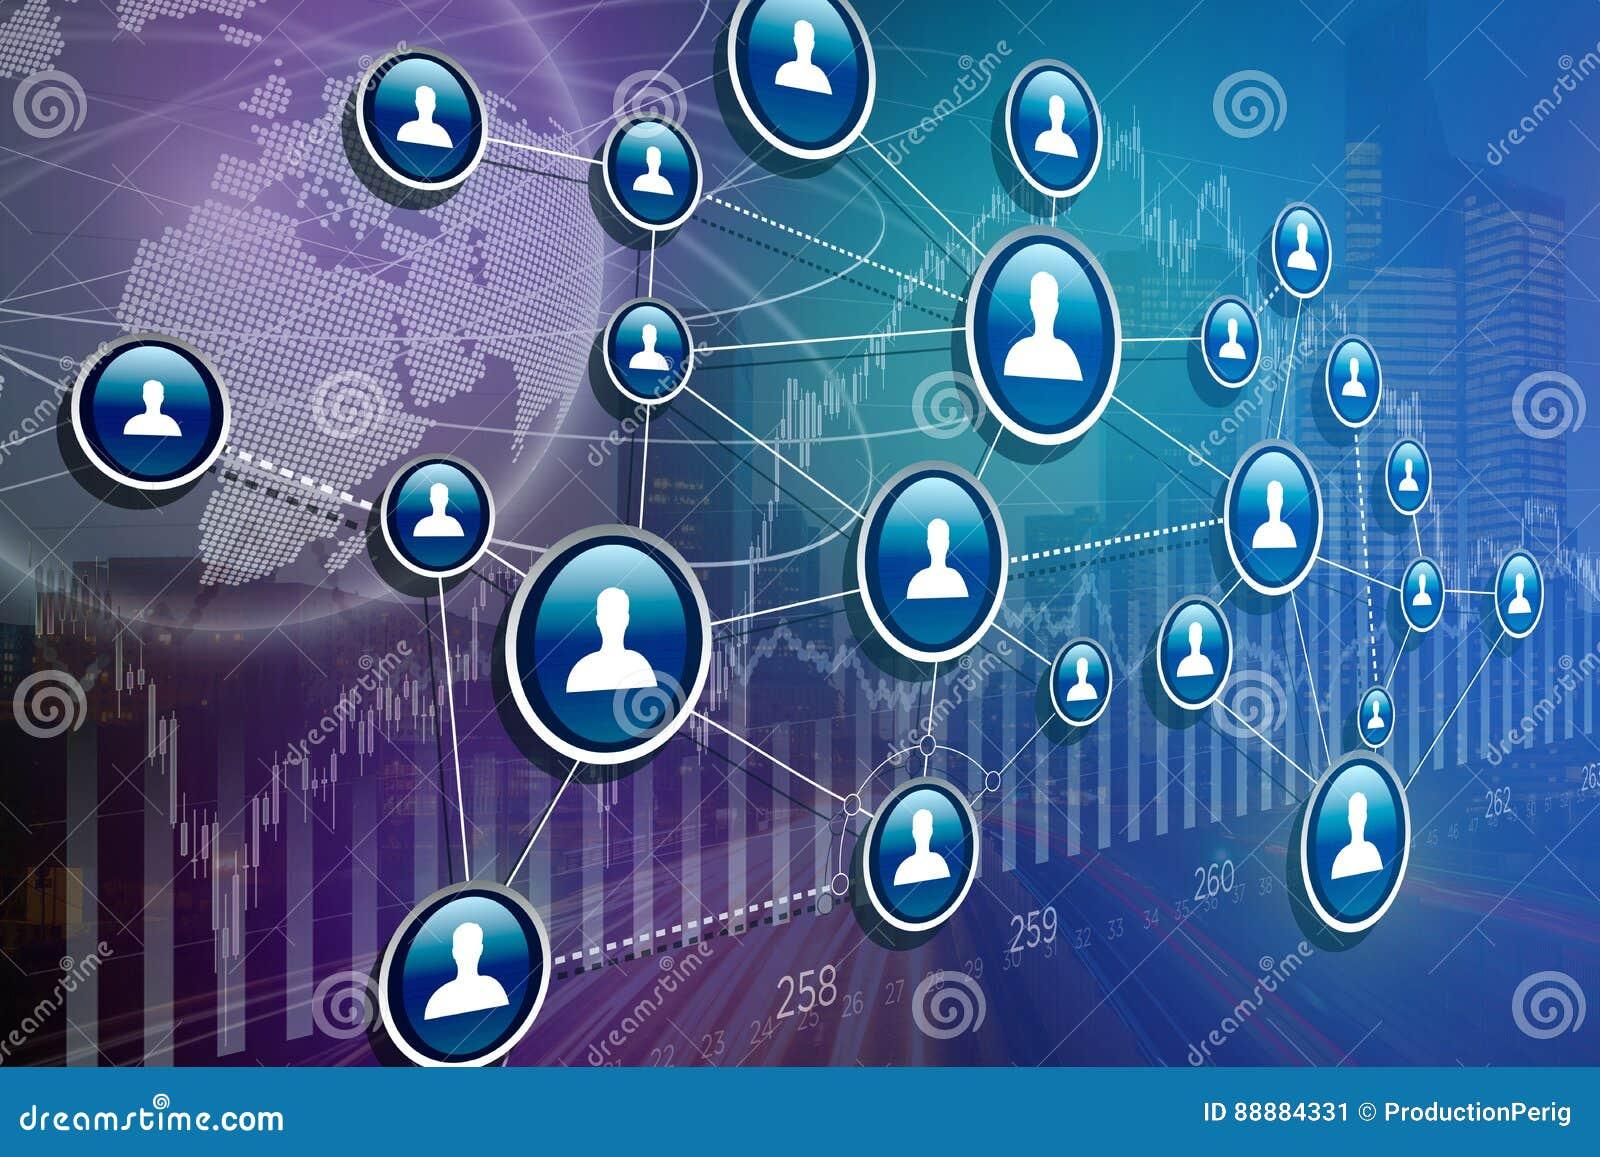 企业与财务的国际网络接口的概念